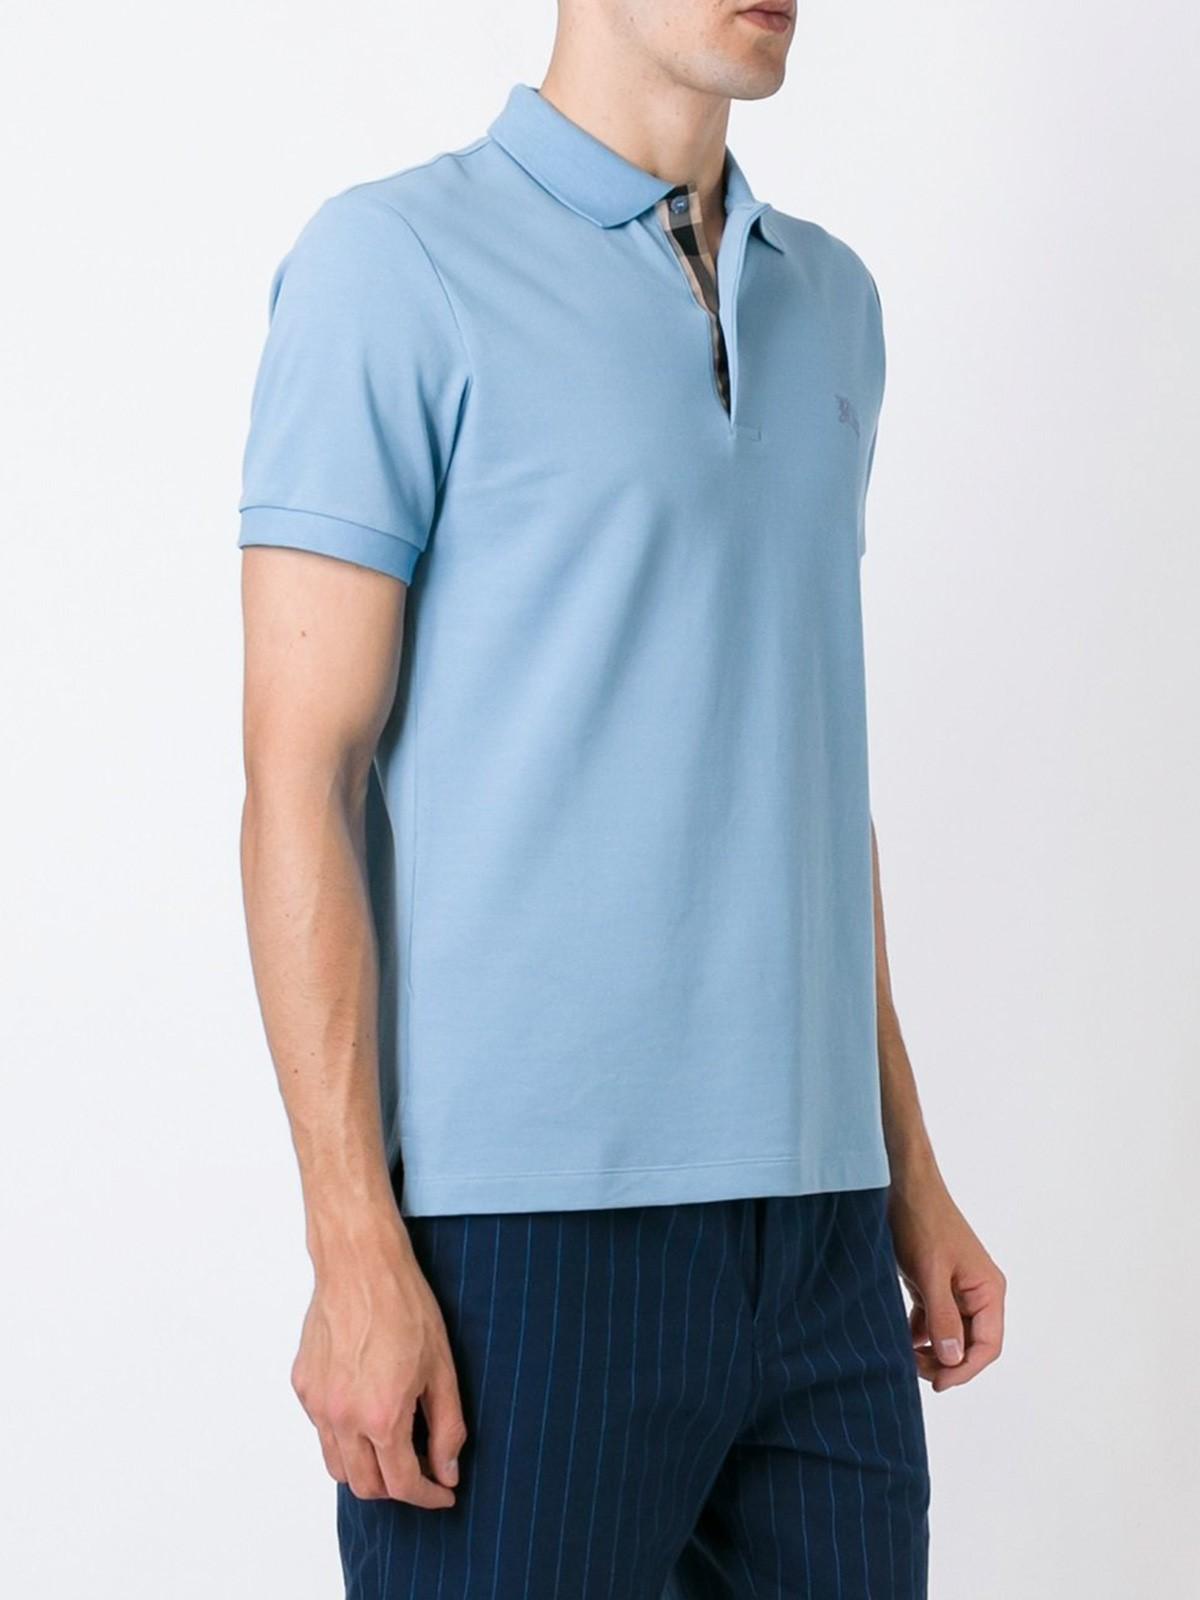 Blue Burberry Polo